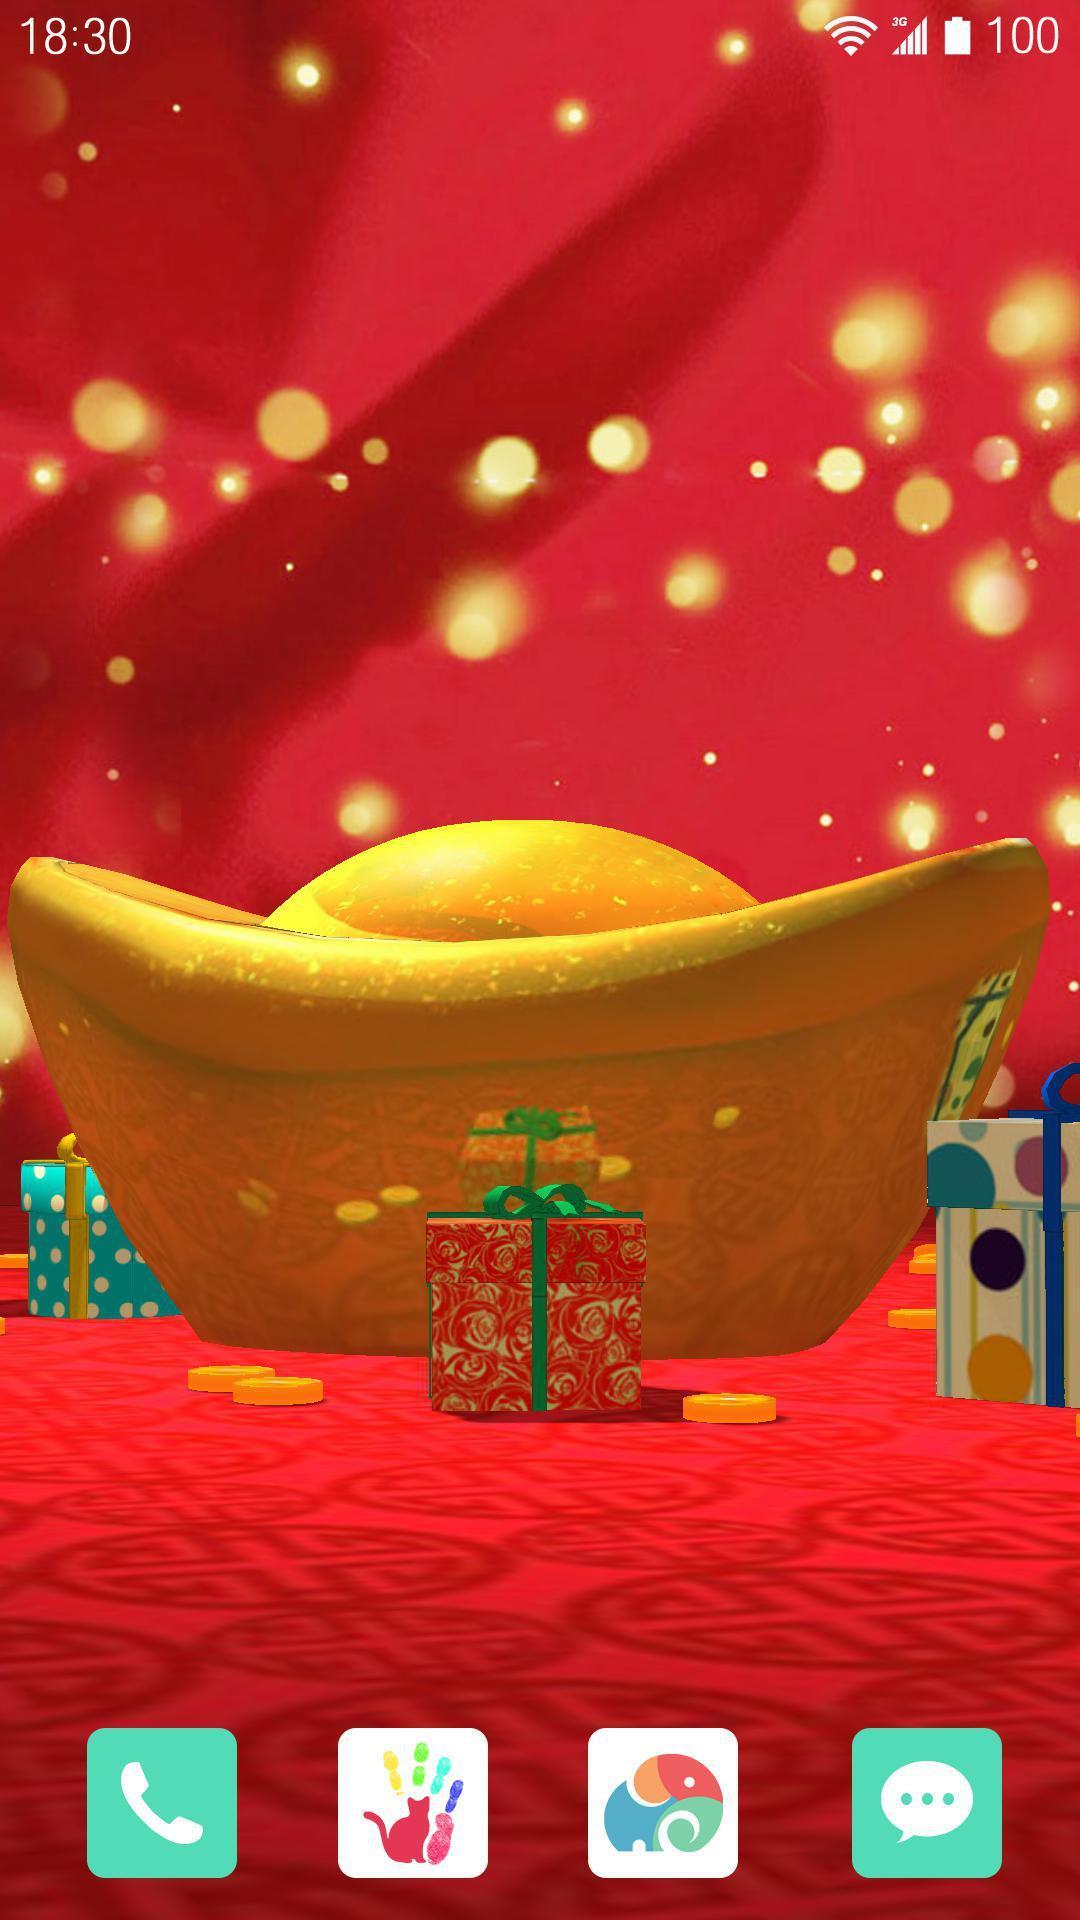 3D招财进宝-梦象动态壁纸